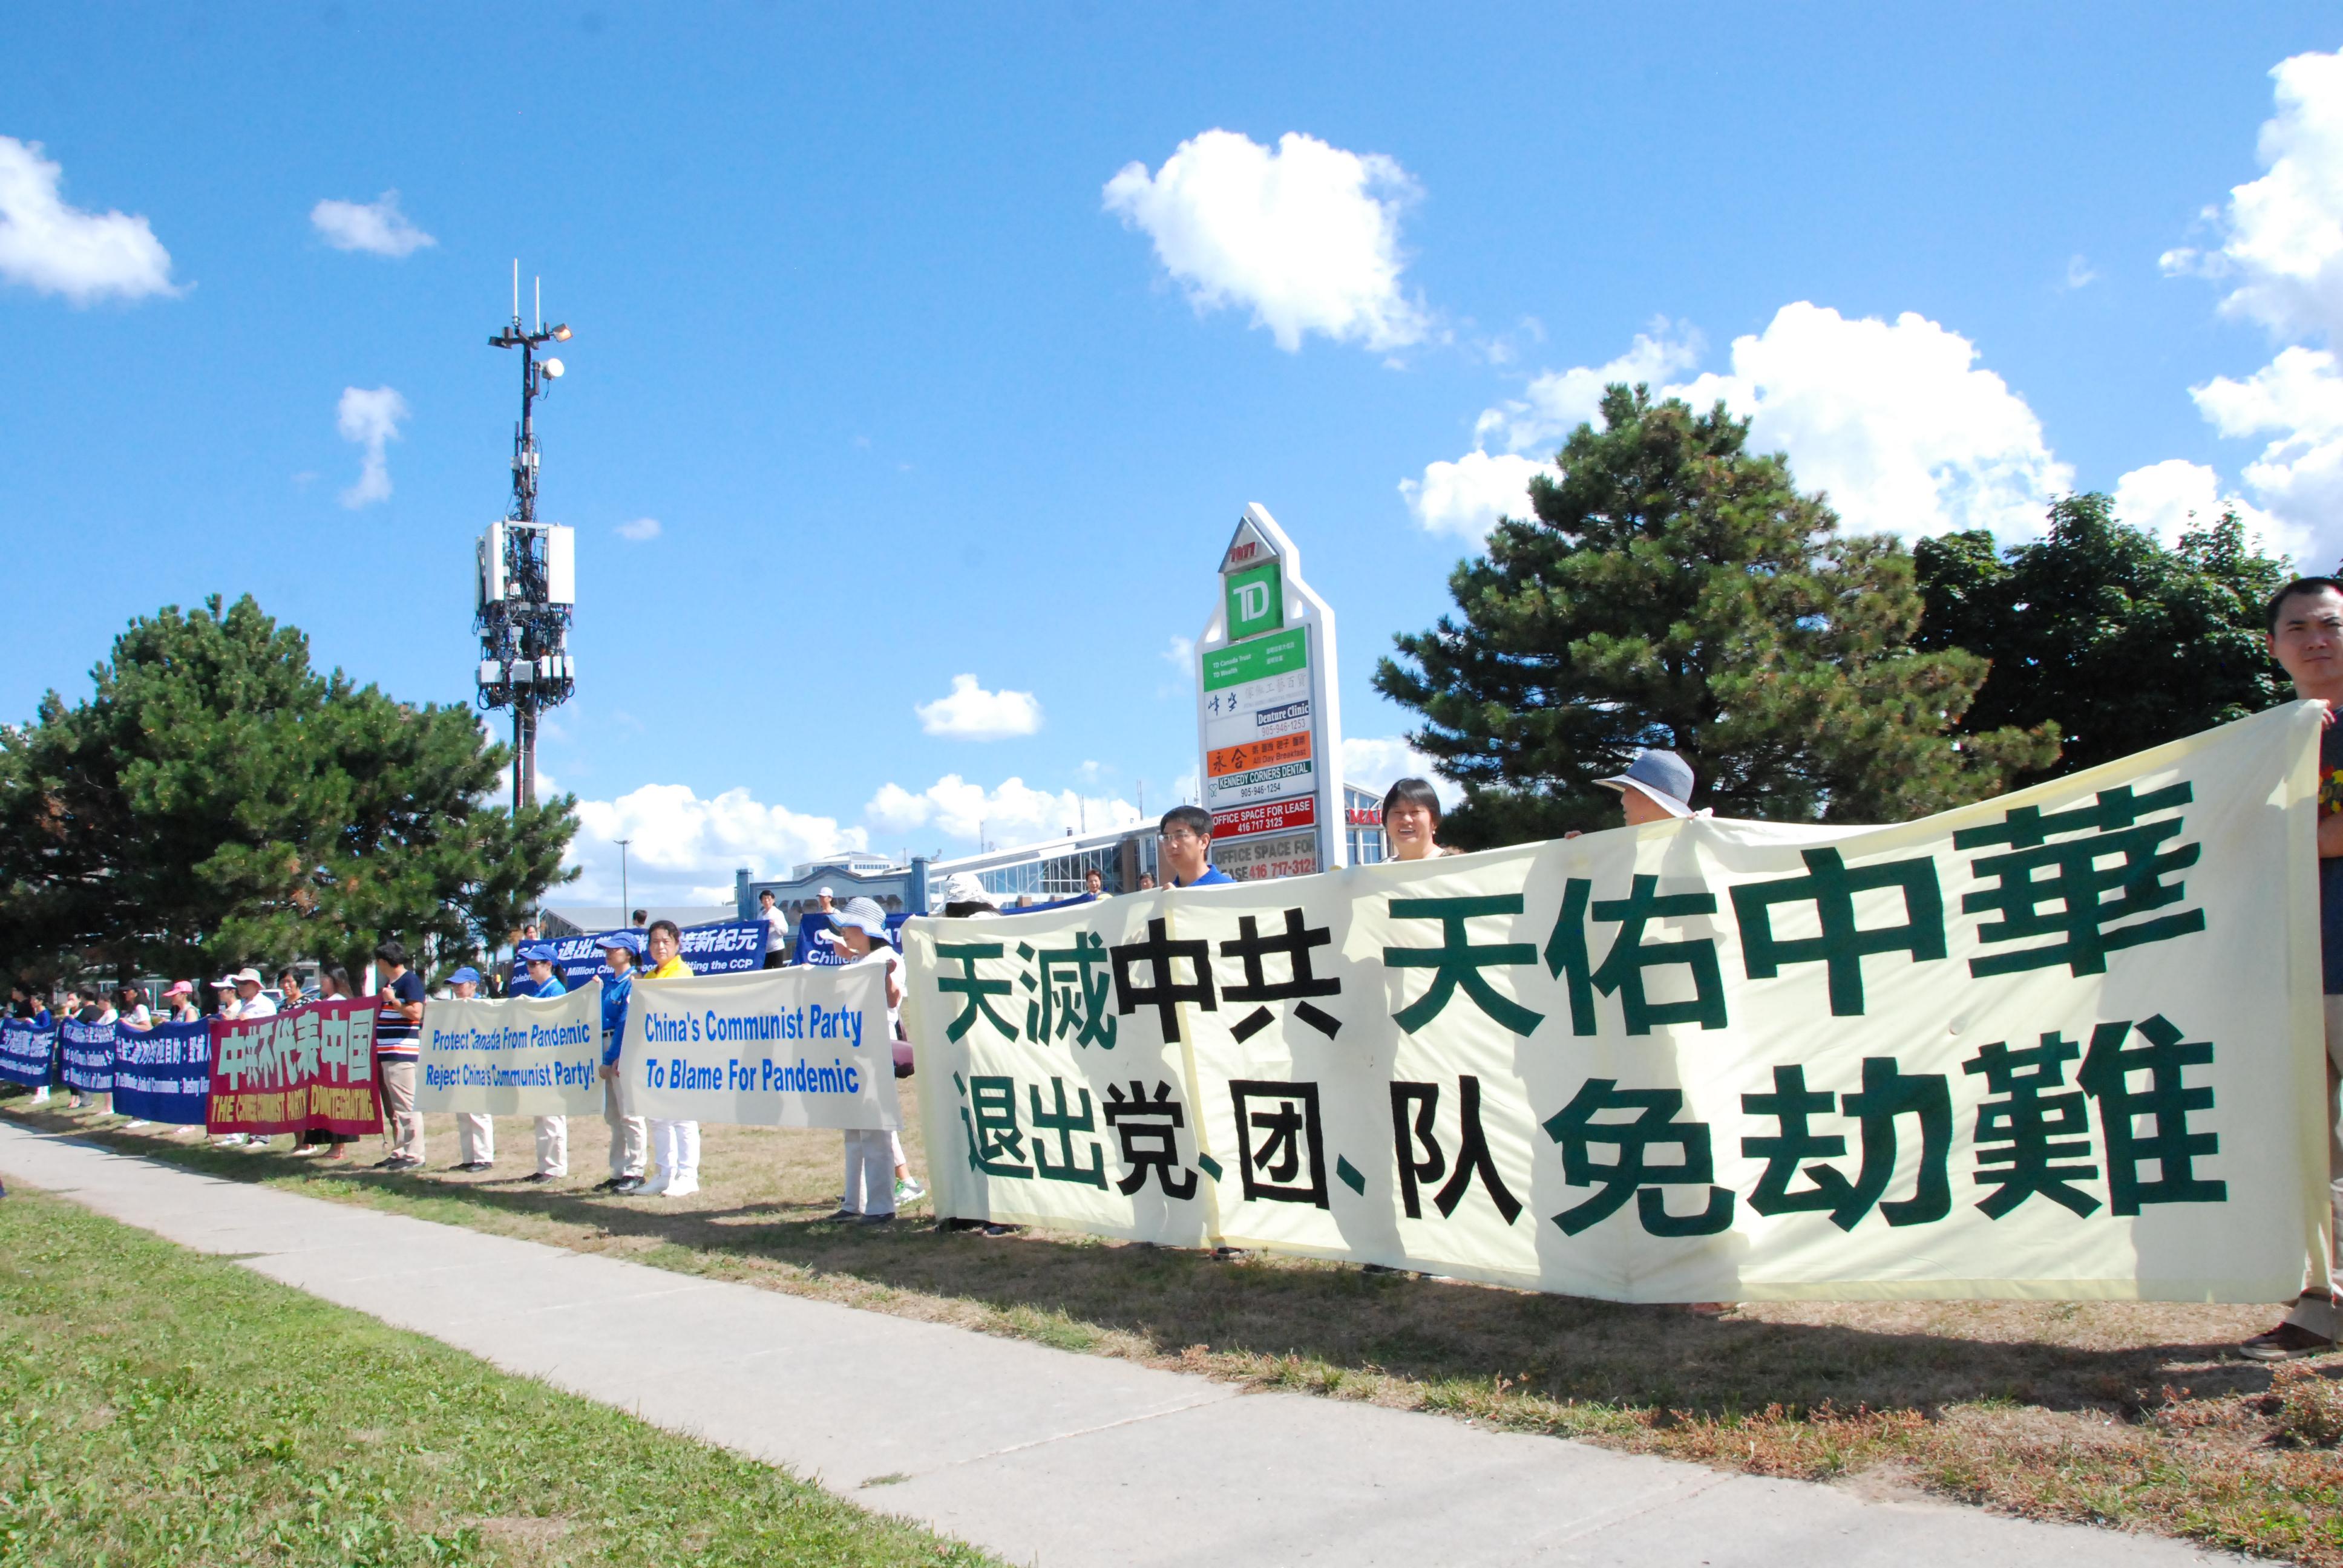 2020年8月8日上午,加拿大退黨服務中心在萬錦市太古廣場舉行集會及汽車遊行起步禮,聲援3億6千多萬中國人退出中共黨、團、隊,同時啟動8月、9月兩個月的「退黨月」活動。(伊鈴/大紀元)